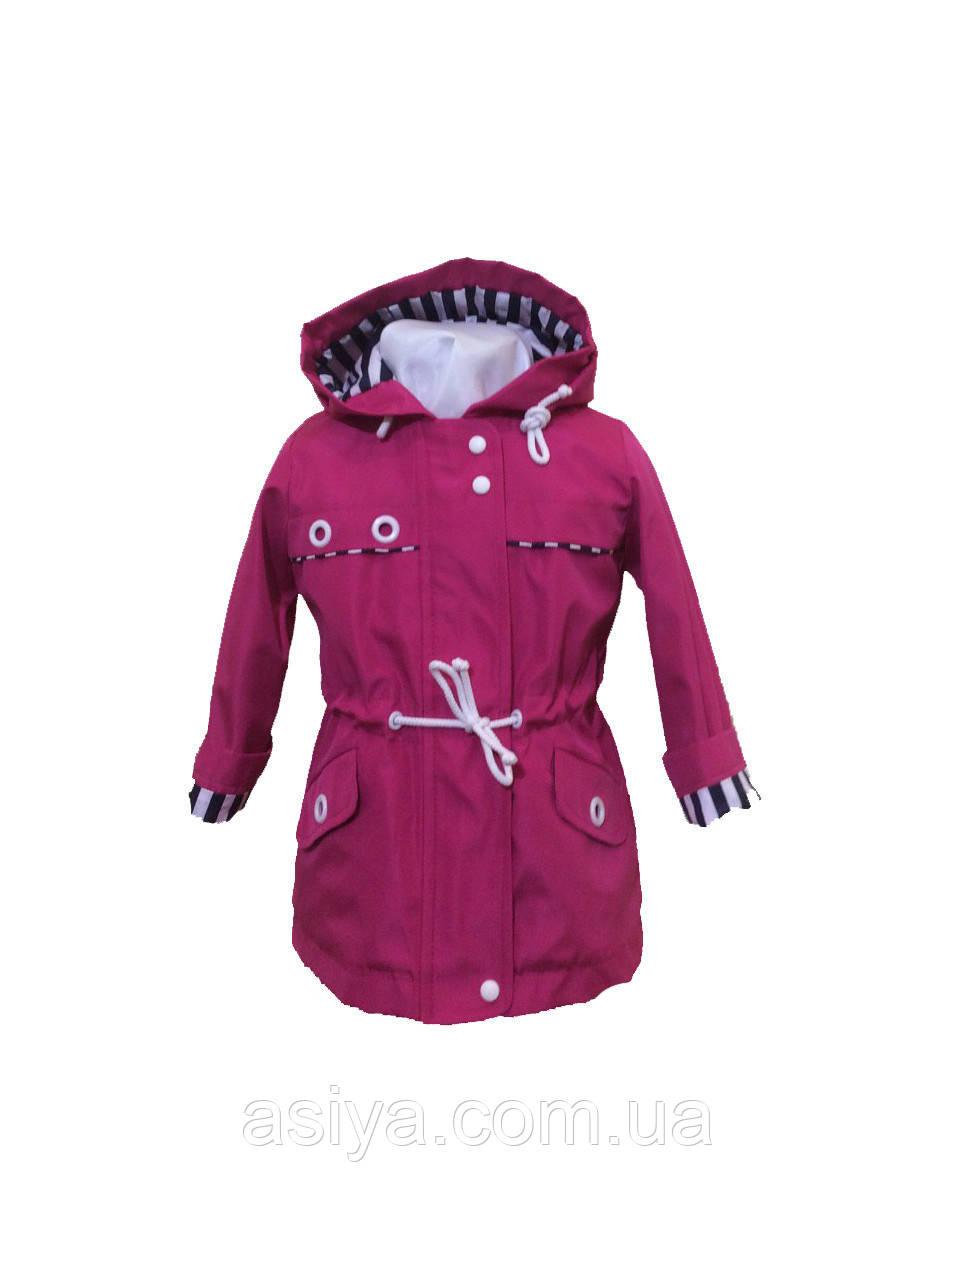 Куртка ветровка на флисе малинового цвета